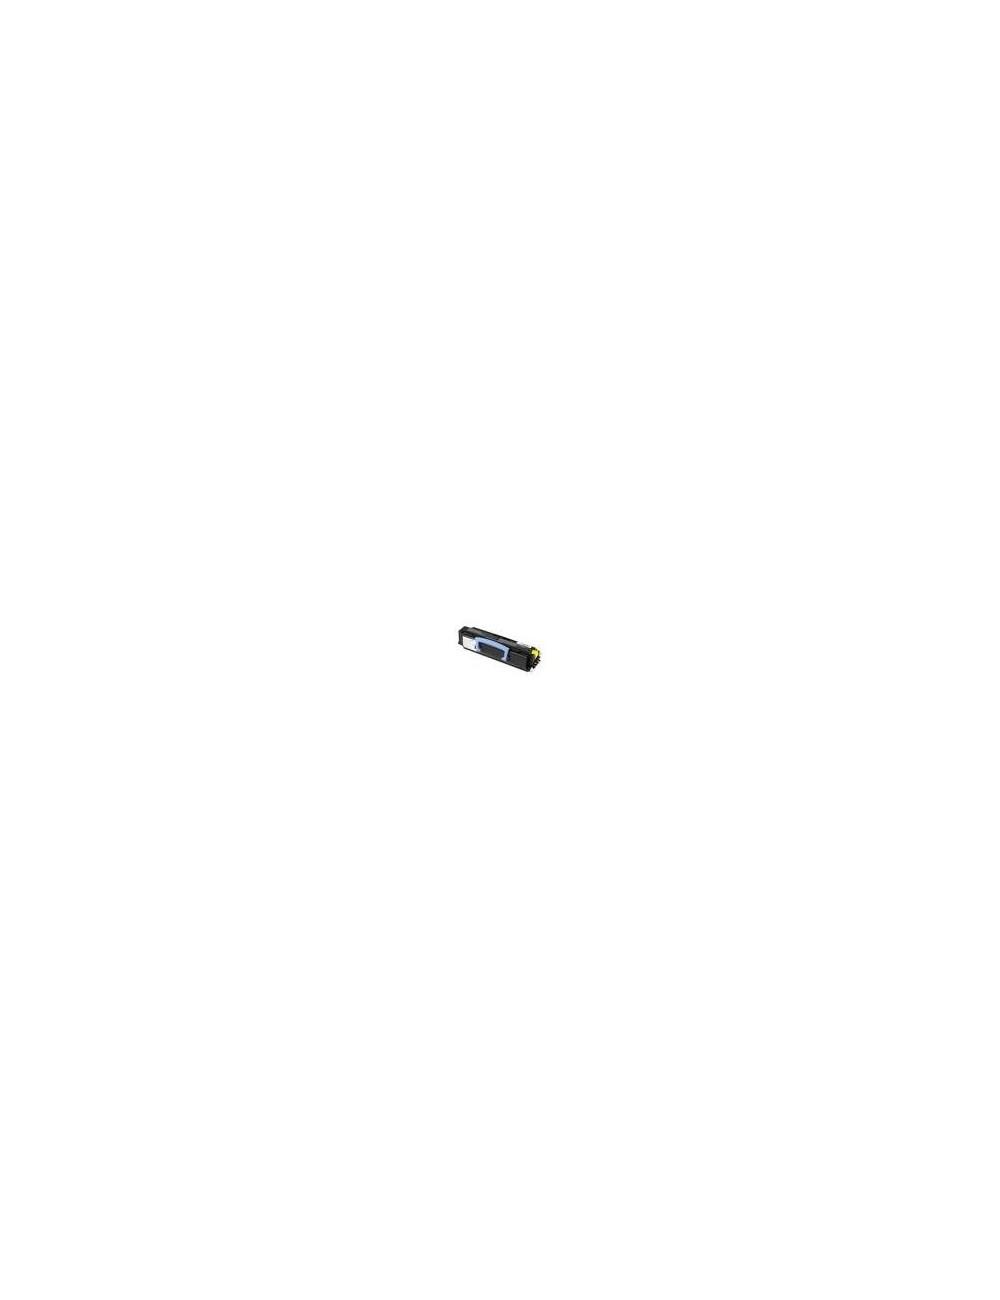 Συμβατό Καινούριο Τόνερ Lexmark E250/D/DN/E350D/352D 3,5K